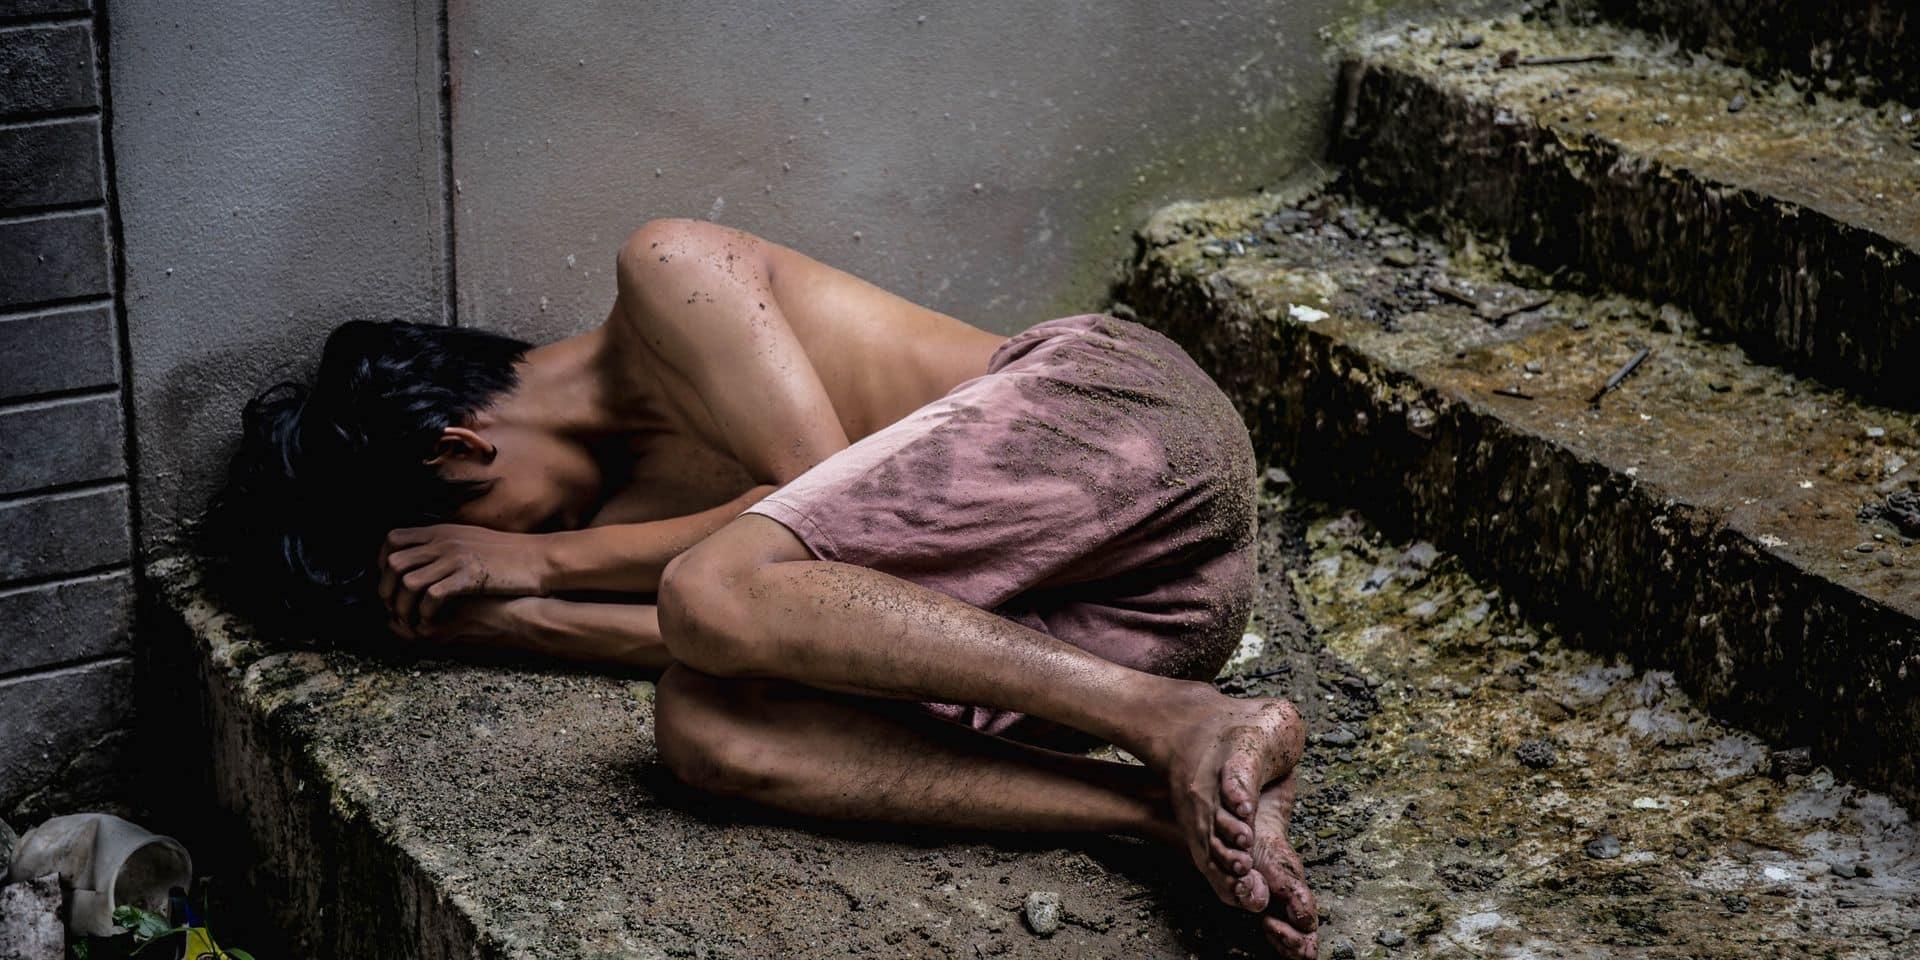 Plus de 150 millions d'enfants en plus tombés dans la pauvreté à cause de la pandémie de Covid-19